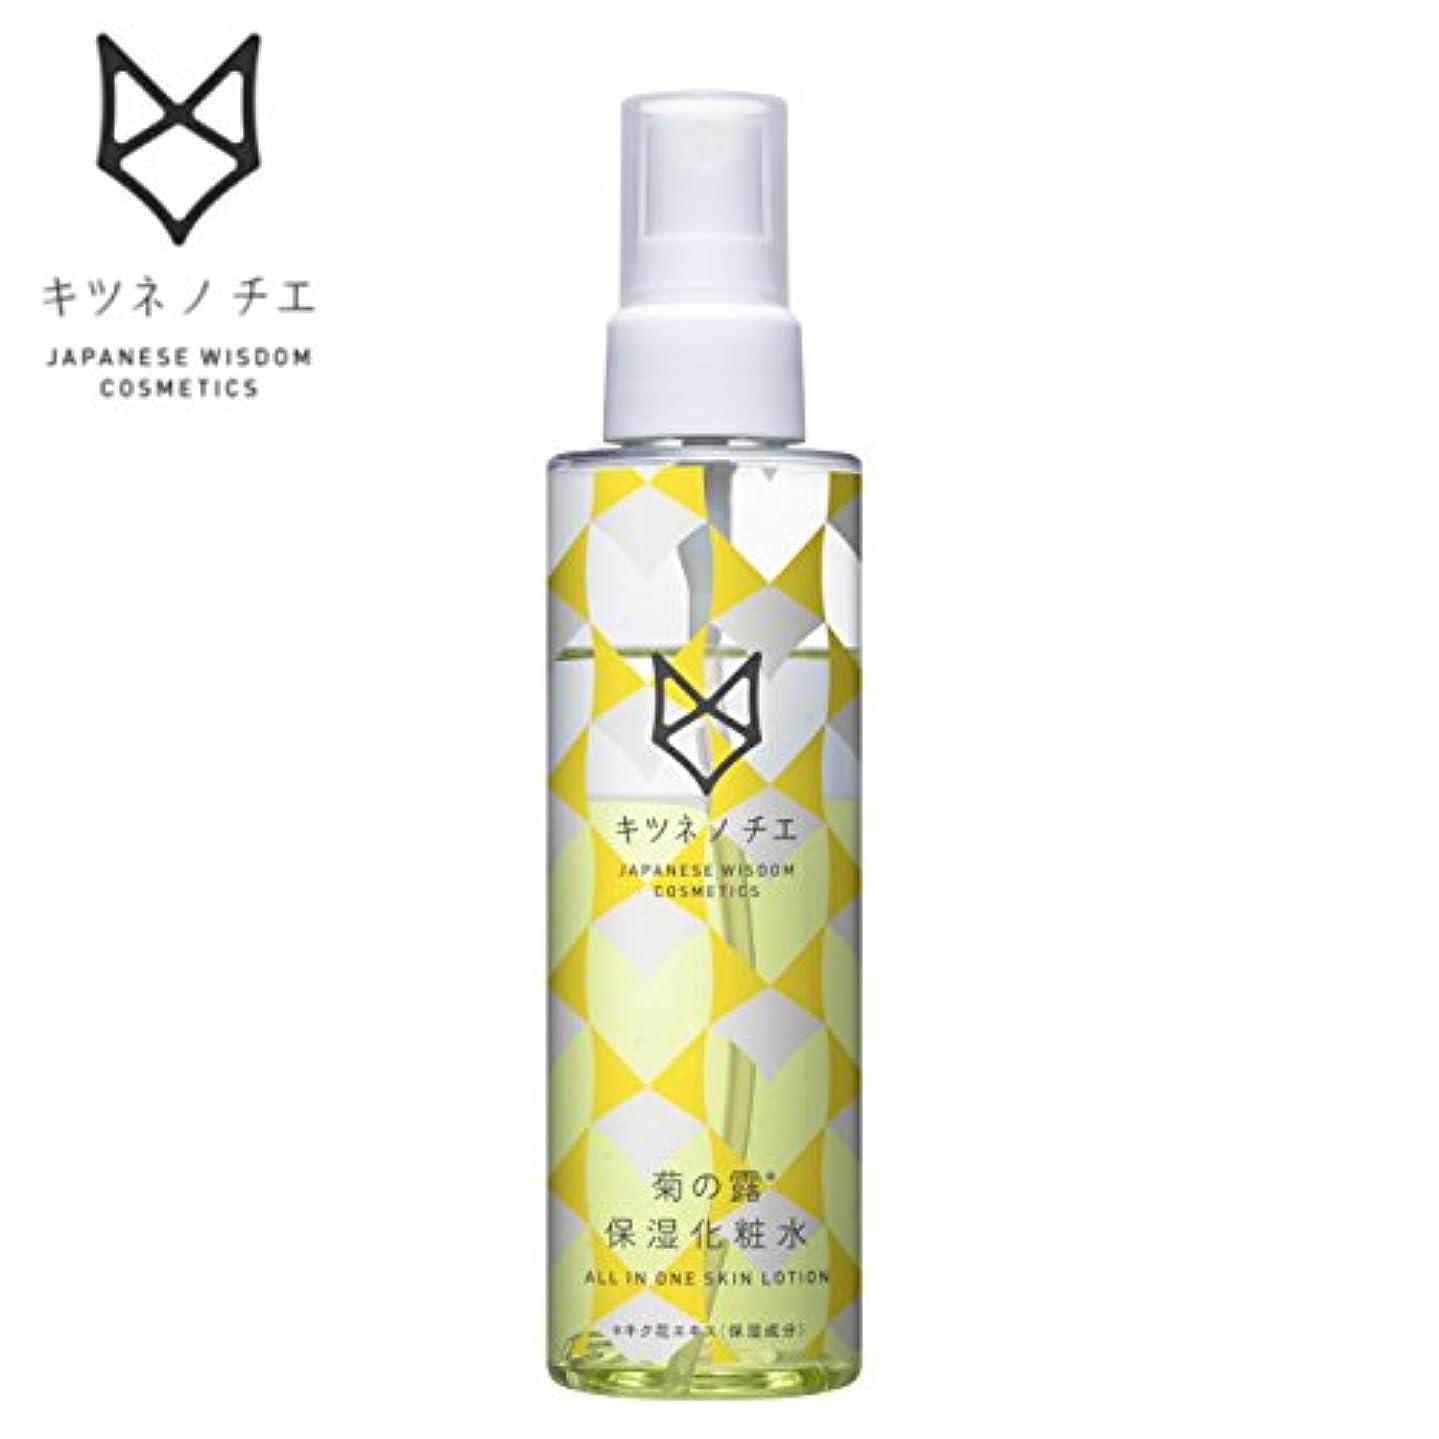 理論的ロードハウスカートリッジキツネノチエ 菊の露 保湿化粧水